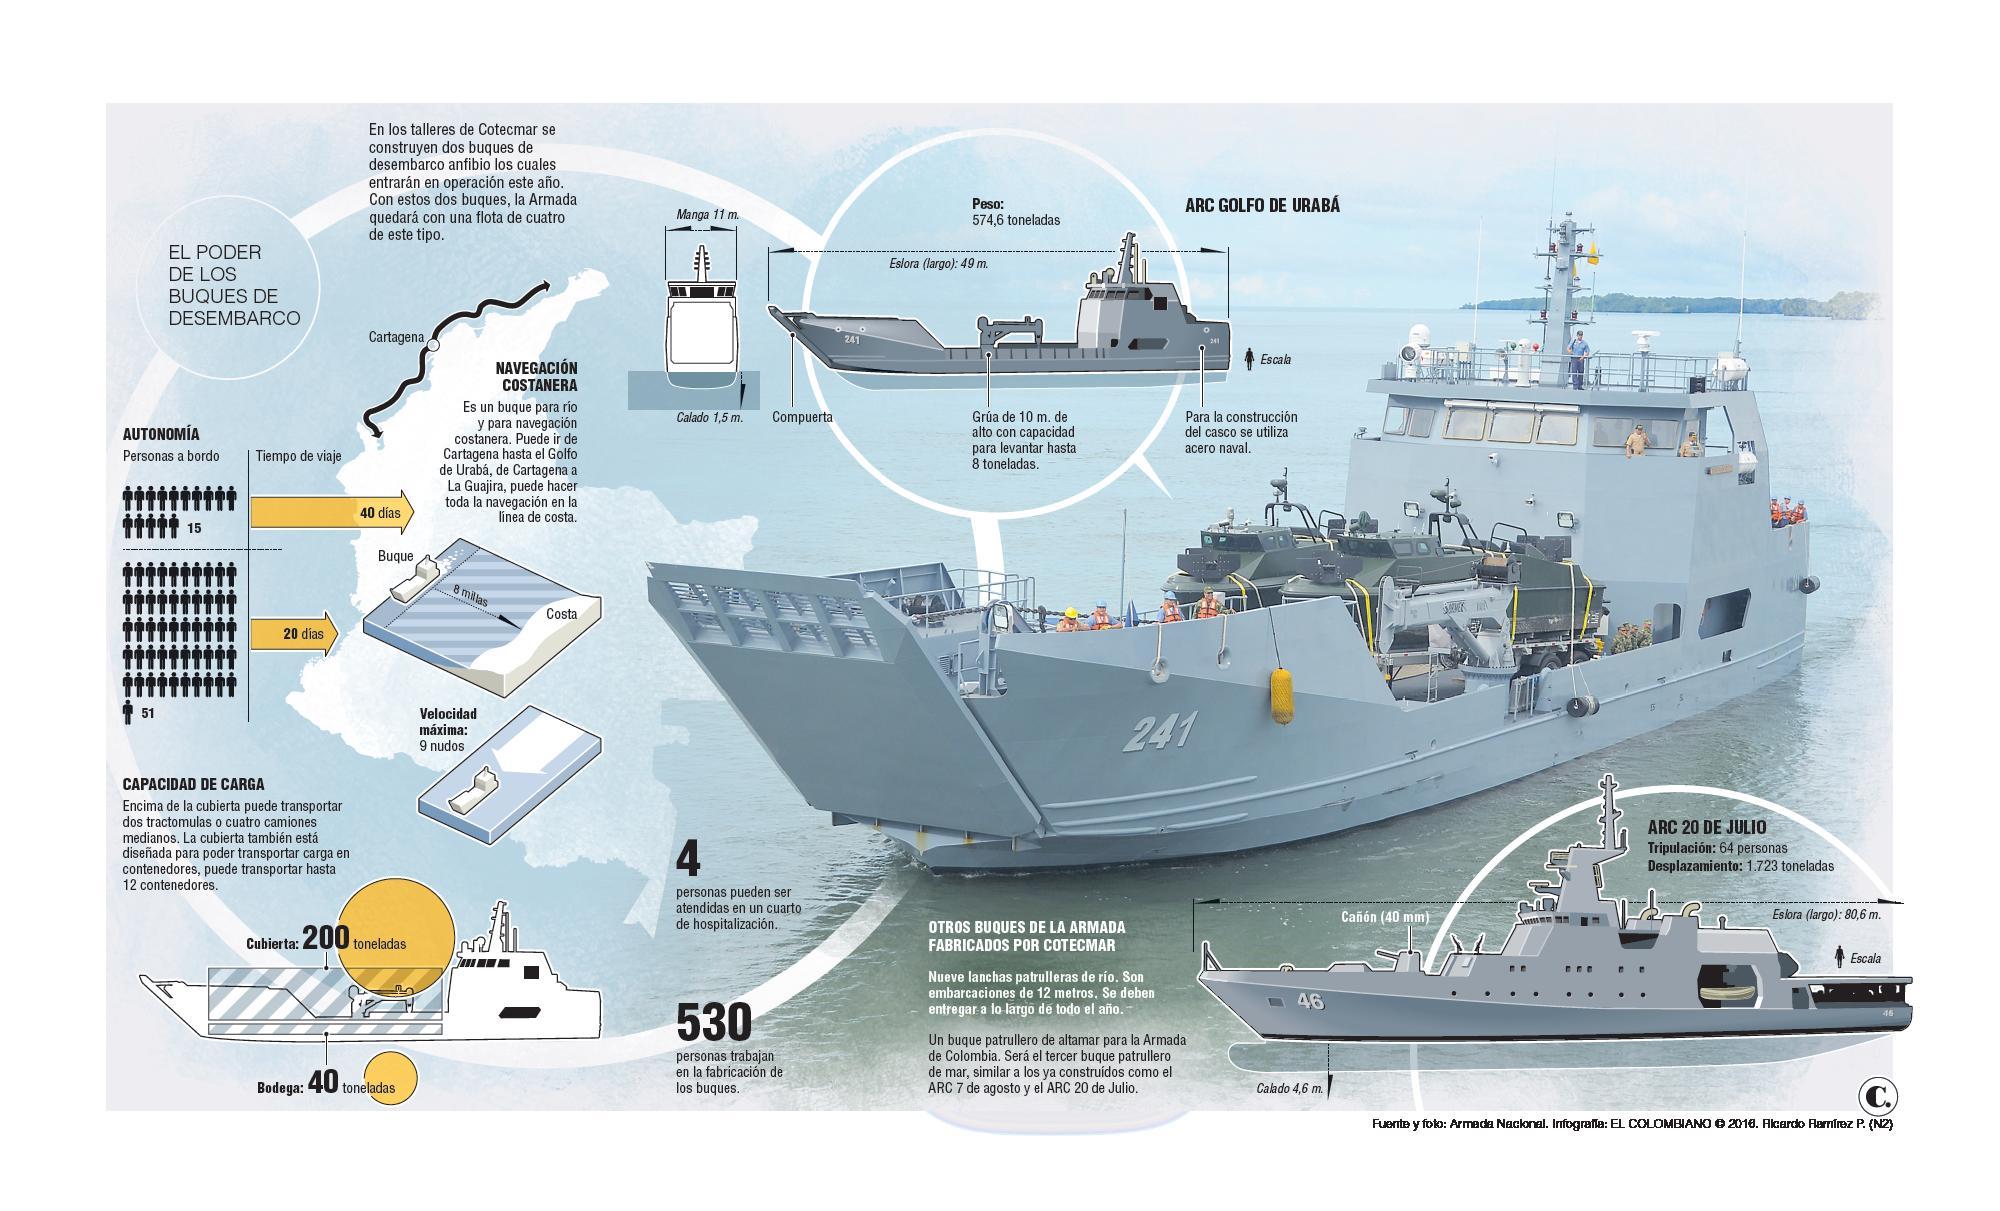 Resultado de imagen para buque ARC Golfo de Morrosquillo